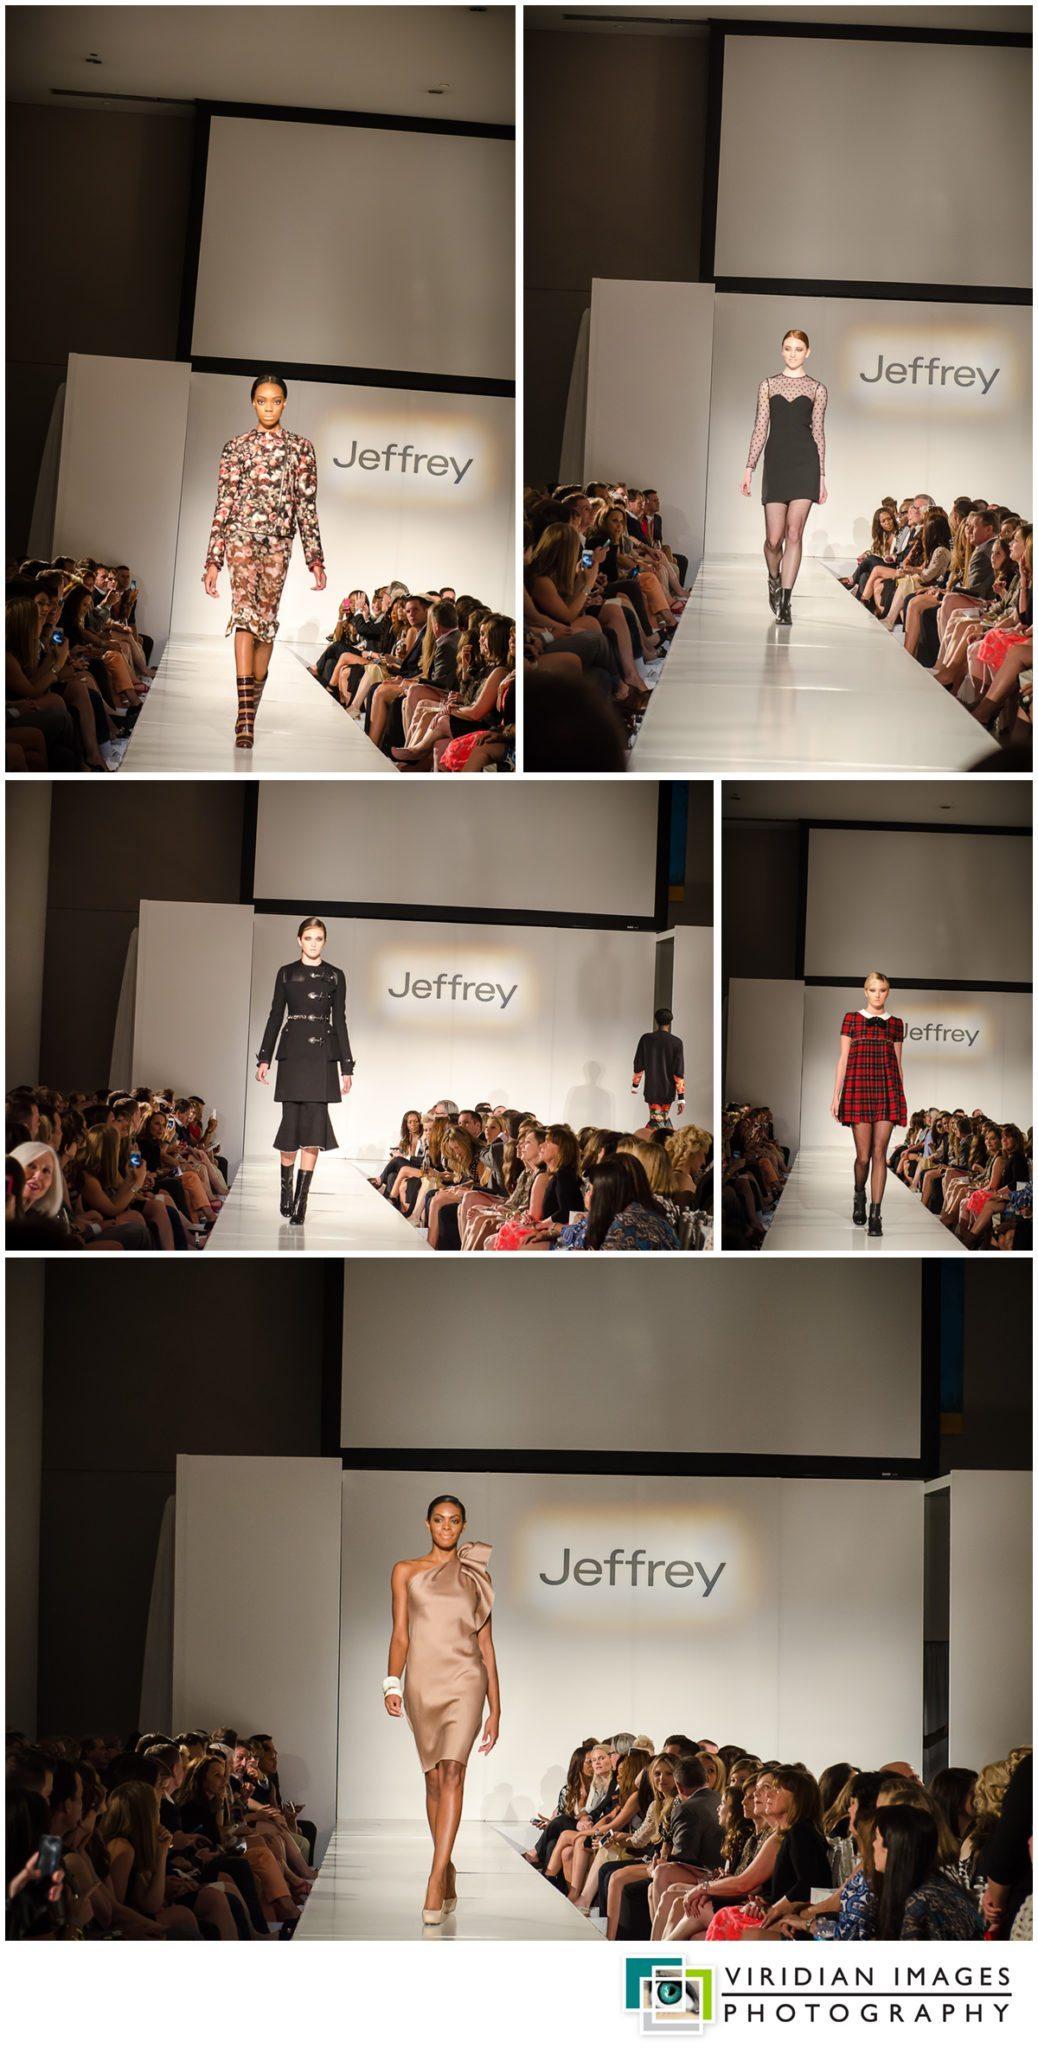 Jeffrey_Fashion_Cares_Viridian_Images_photo_5